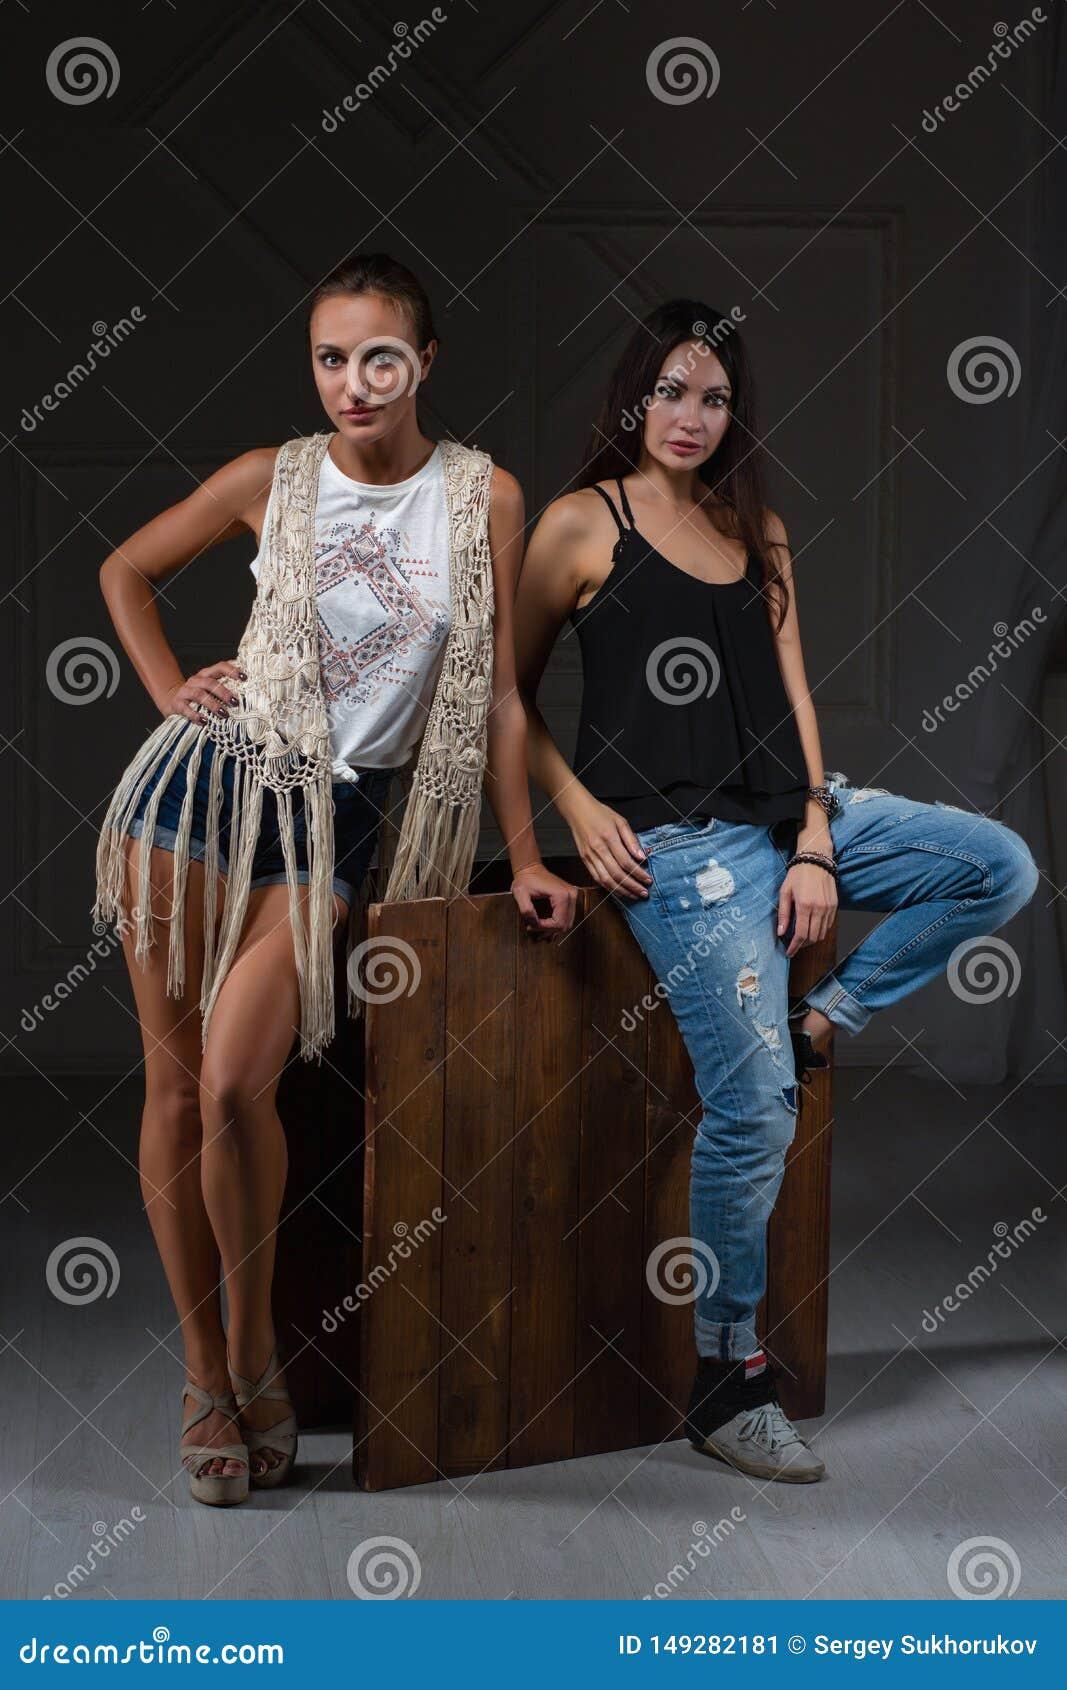 Two beautiful women posing in a studio